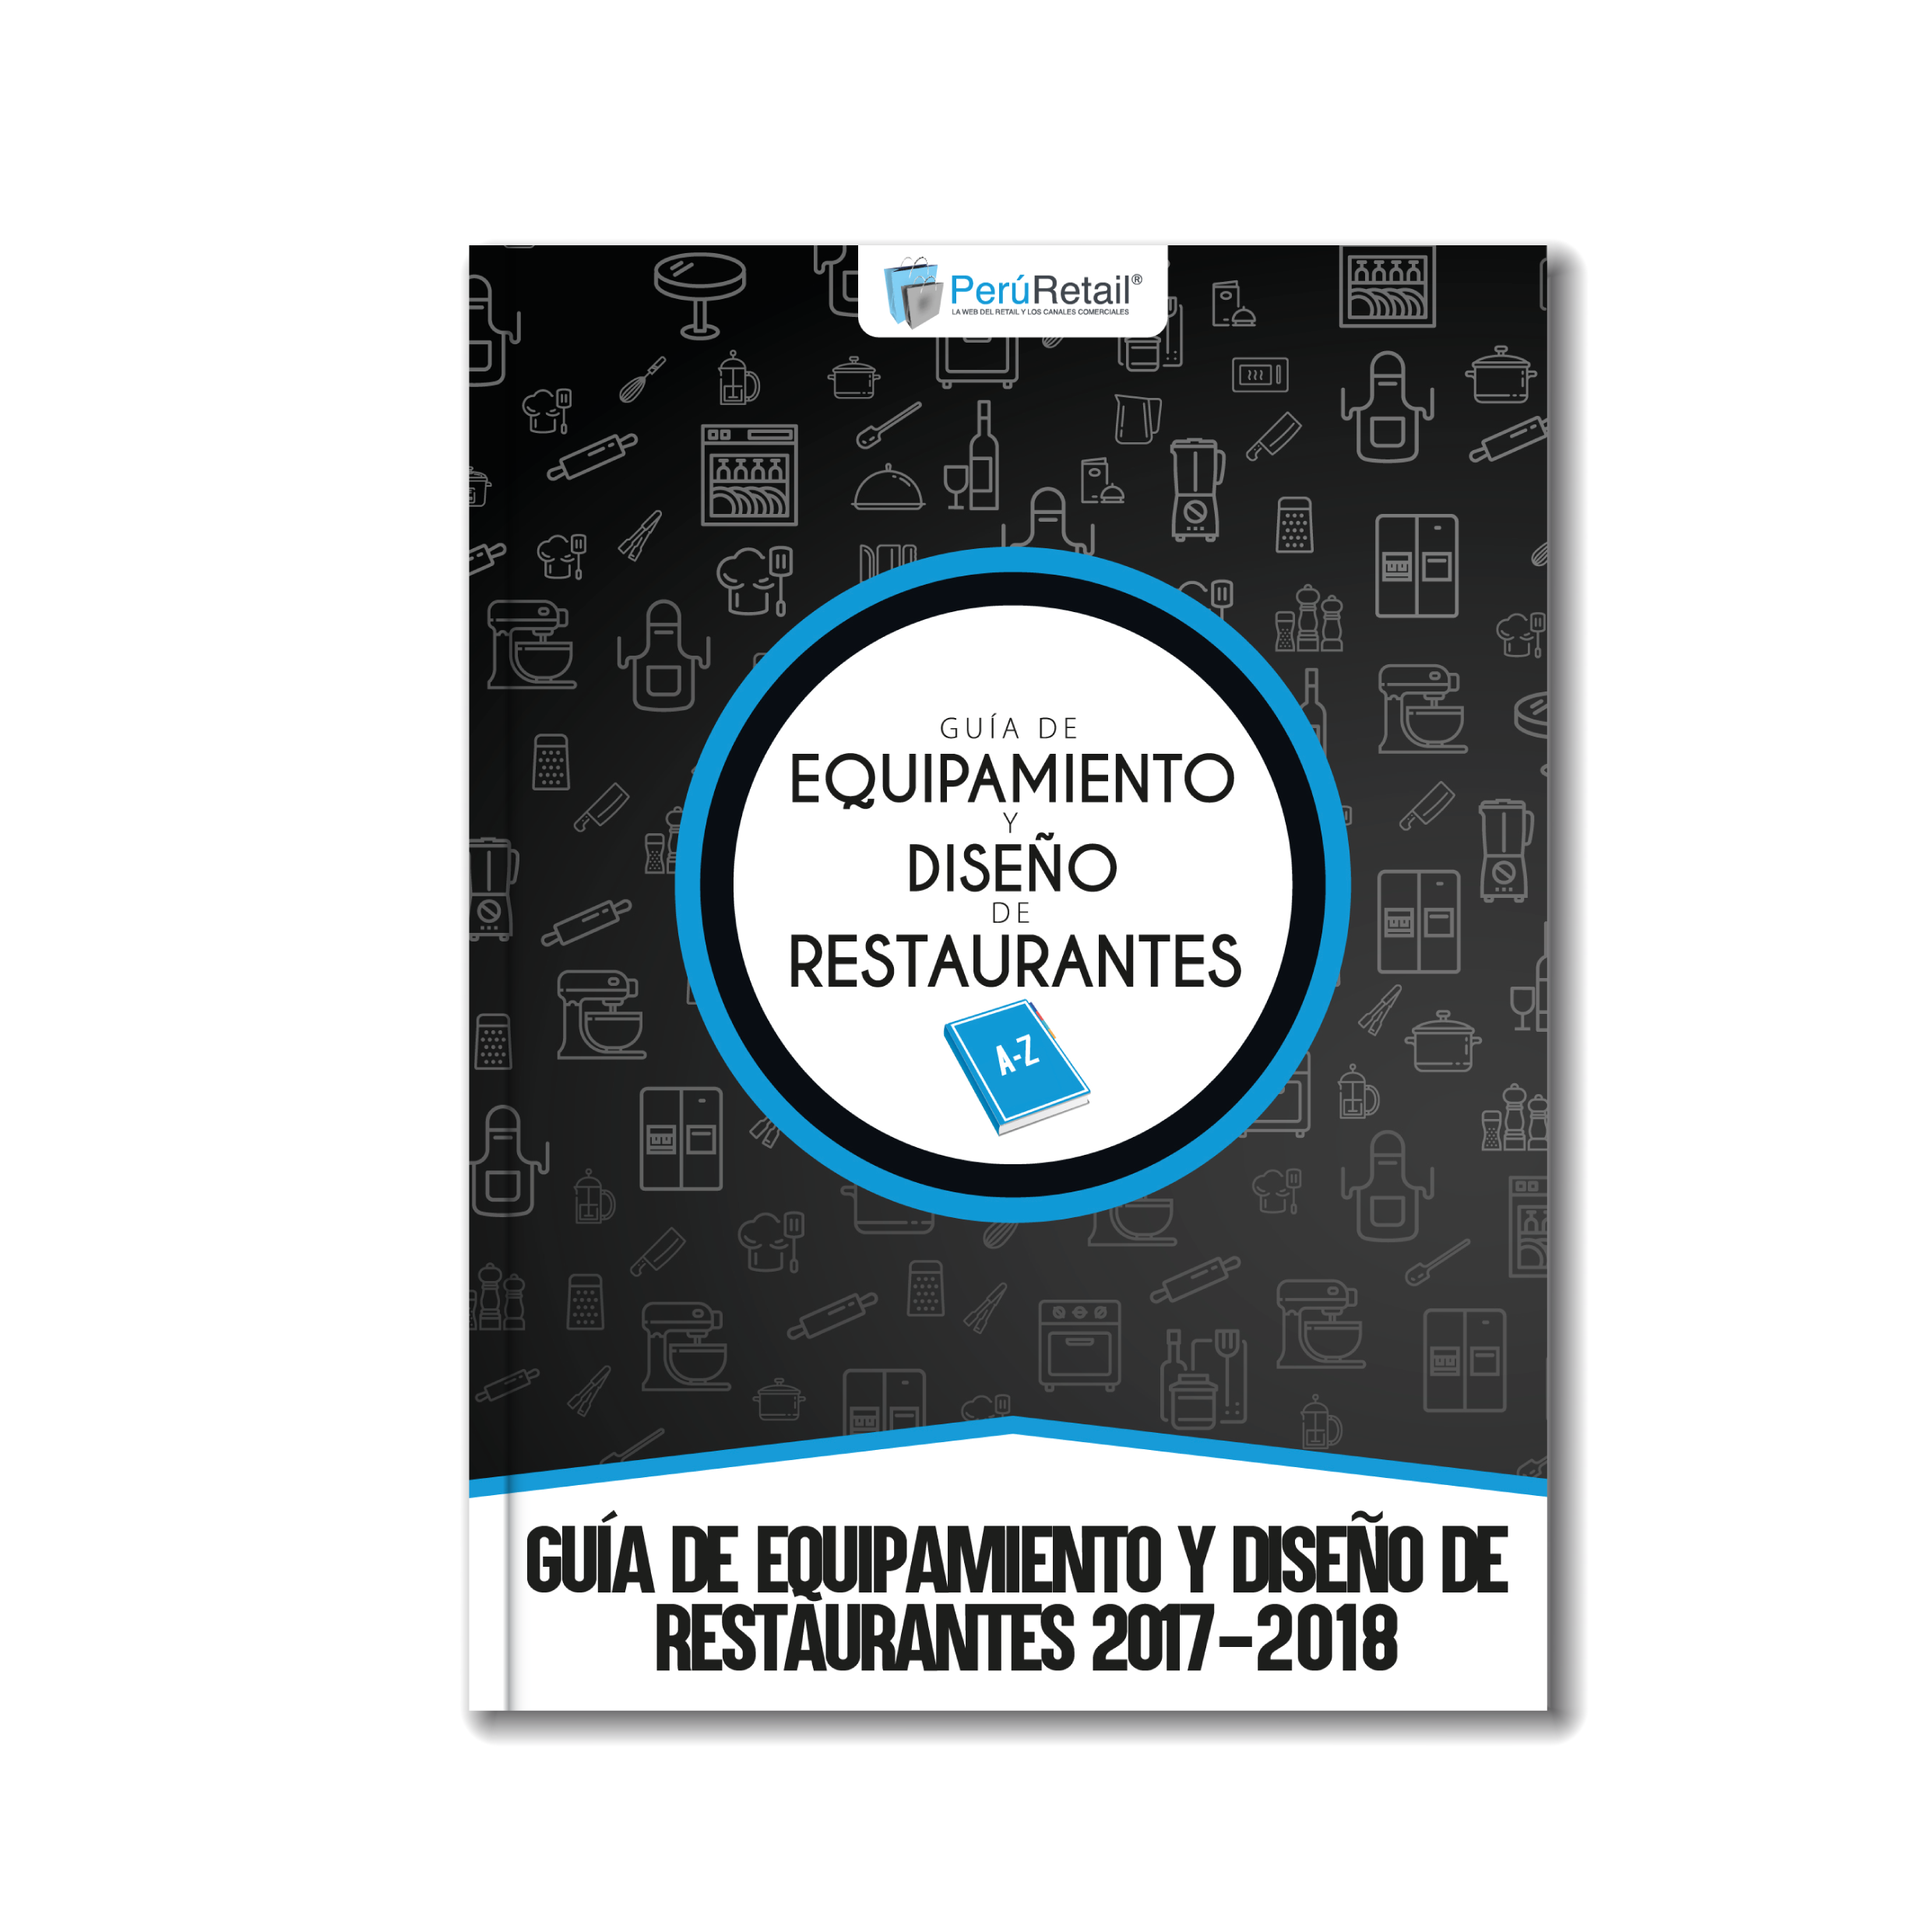 guia 1 01 - El creciente negocio de los restaurantes en el mercado peruano